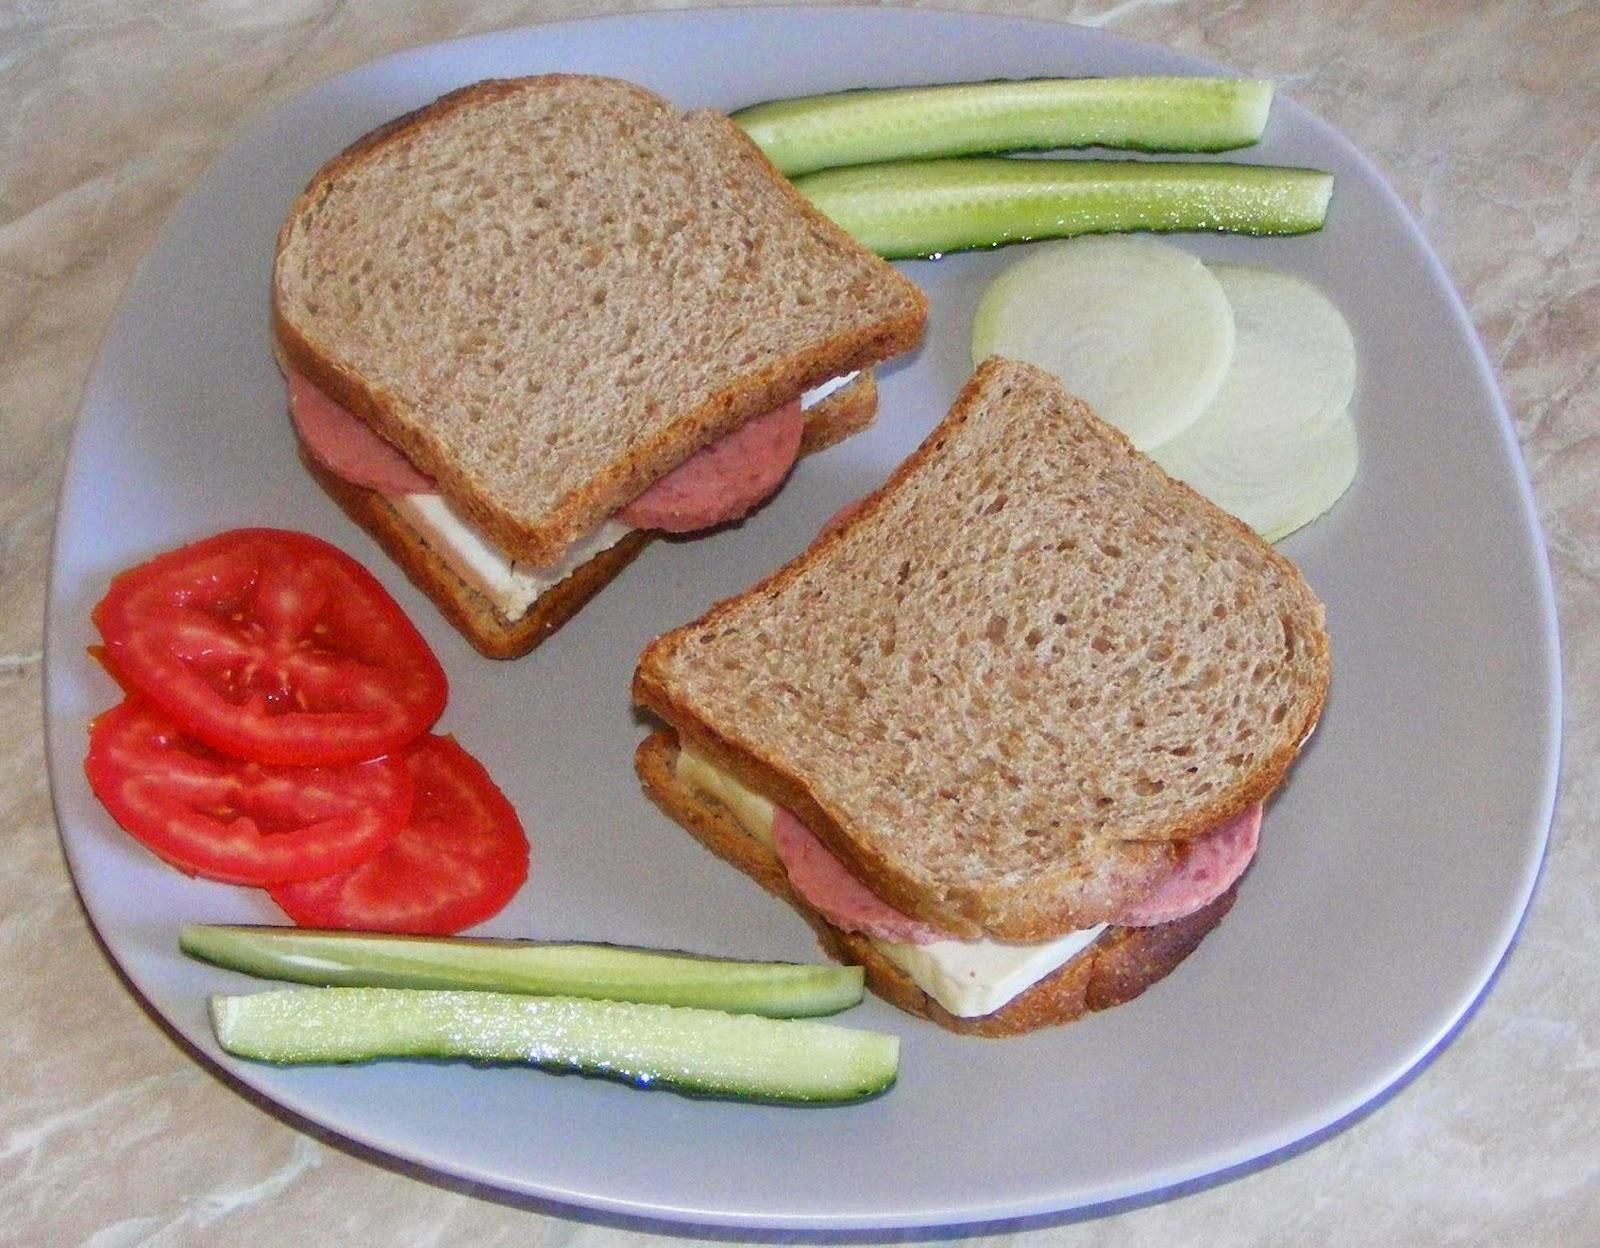 sandwich, sandwich la toaster, sandvis, sandvici, sendvici, sandwichuri, sandwich-uri, retete de mancare, retete mancare, gustari, gustare, retete rapide, retete usoare, sandwich retete, retete culinare, preparate culinare, retete mic dejun, reteta sandwich,